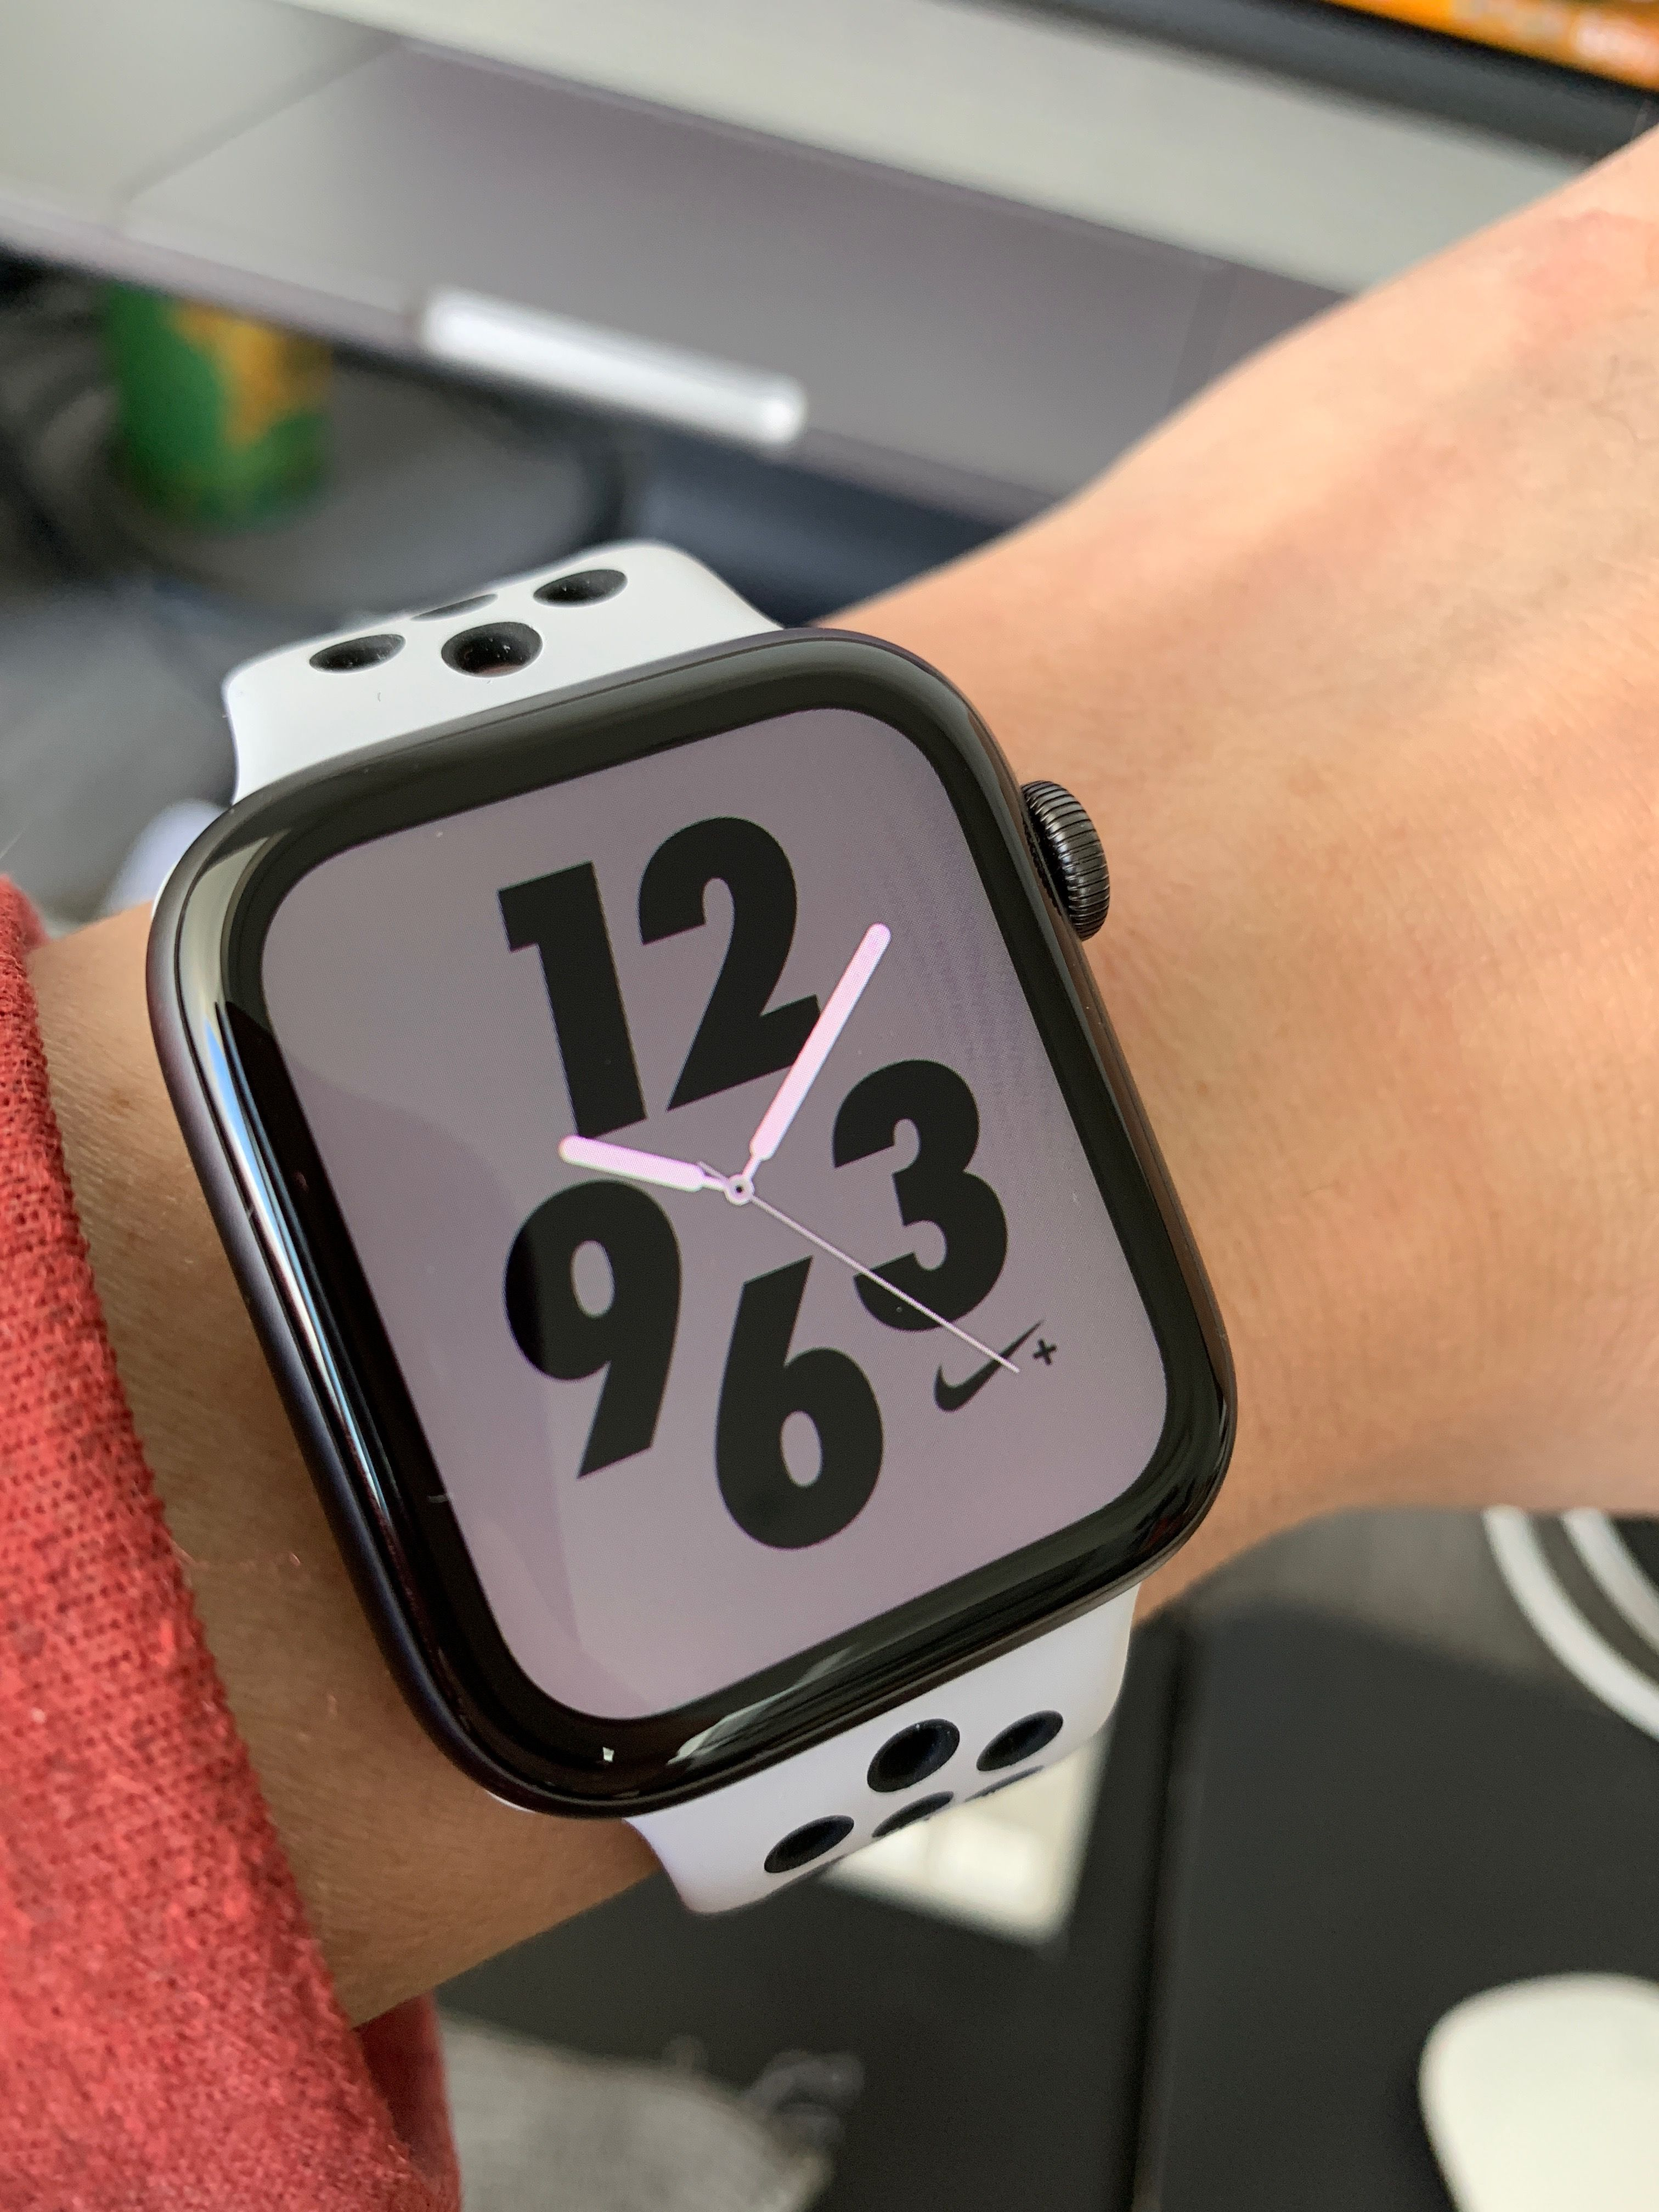 Orden alfabetico escarabajo respirar  Apple Watch Nike+ ⌚️Series 4 | Apple watch nike, Apple watch, Buy apple  watch